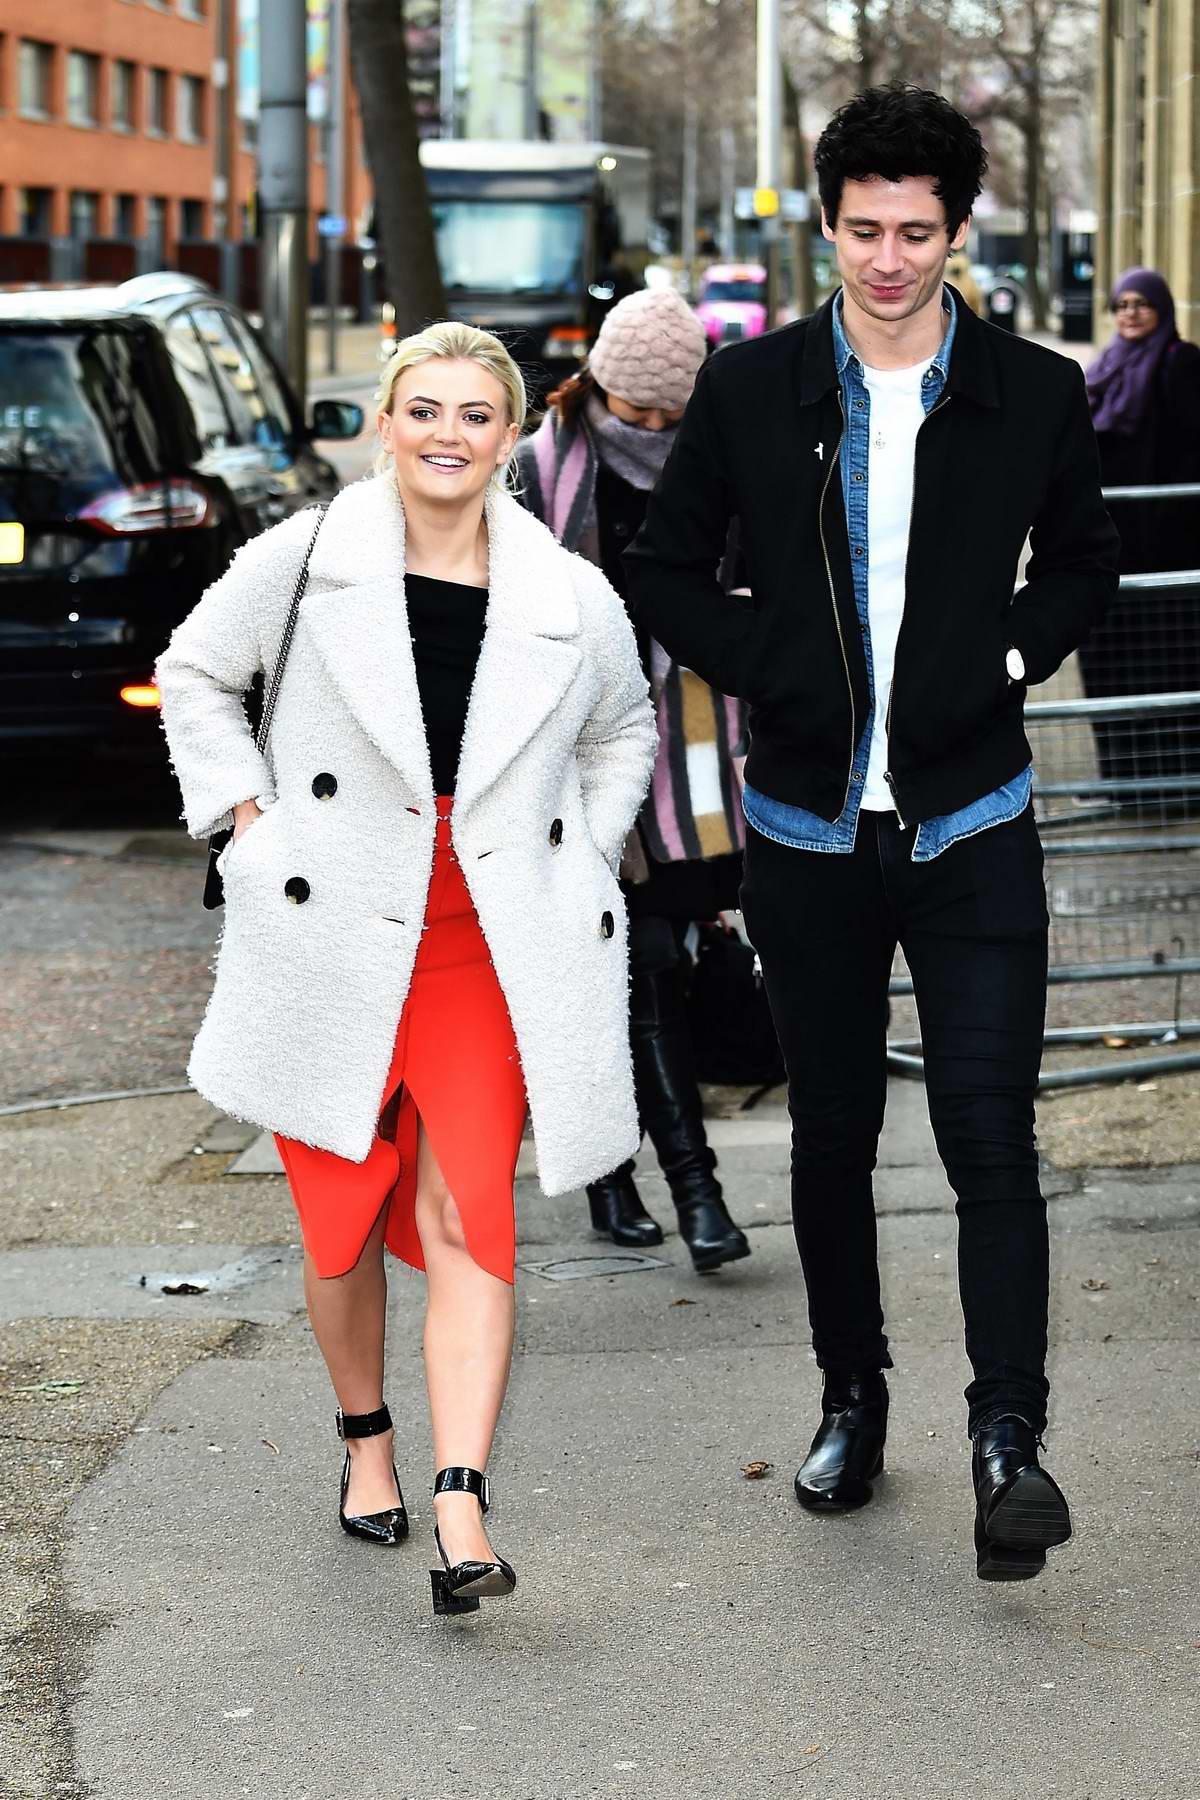 Lucy Fallon and boyfriend Tom Leech spotted outside ITV studios in London